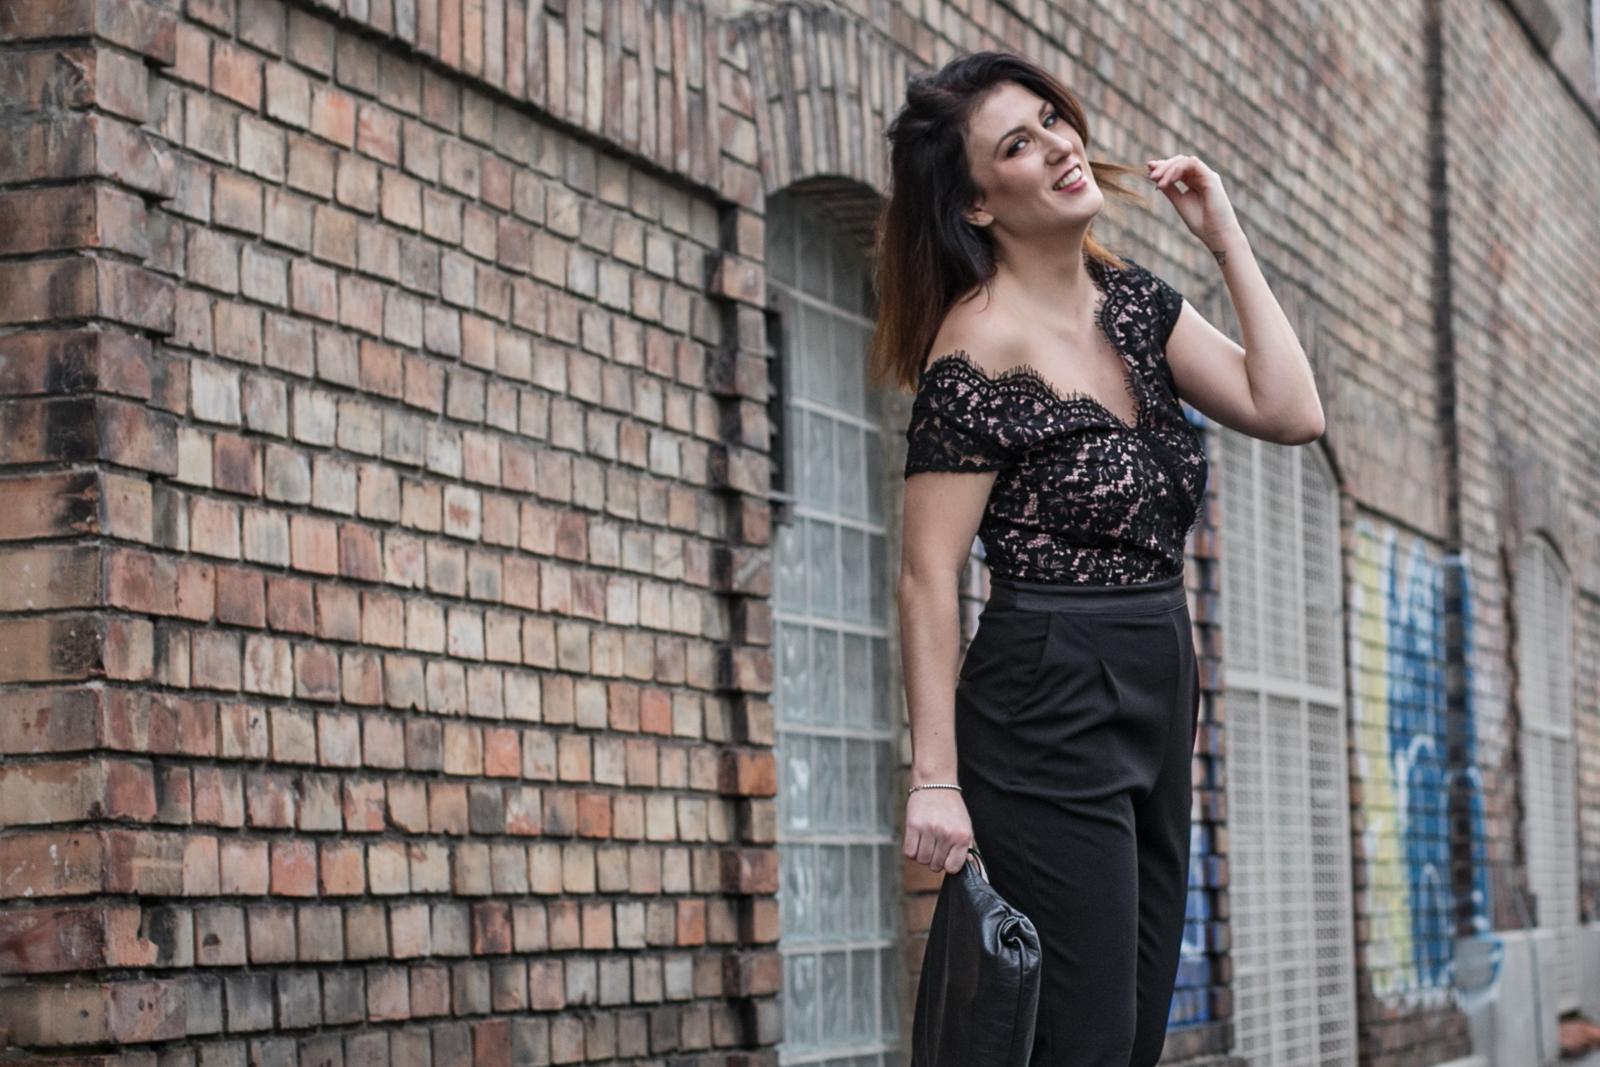 1600-Nadja-Nemetz-NadjaNemetz-Violetfleur-Violet-Fleur-Blog-Wien-WienerBlog-Beauty-Fashion-Lifestyle-Modeblog-Beautyblog-Fotografin-Bloggerin- (12 von 22)